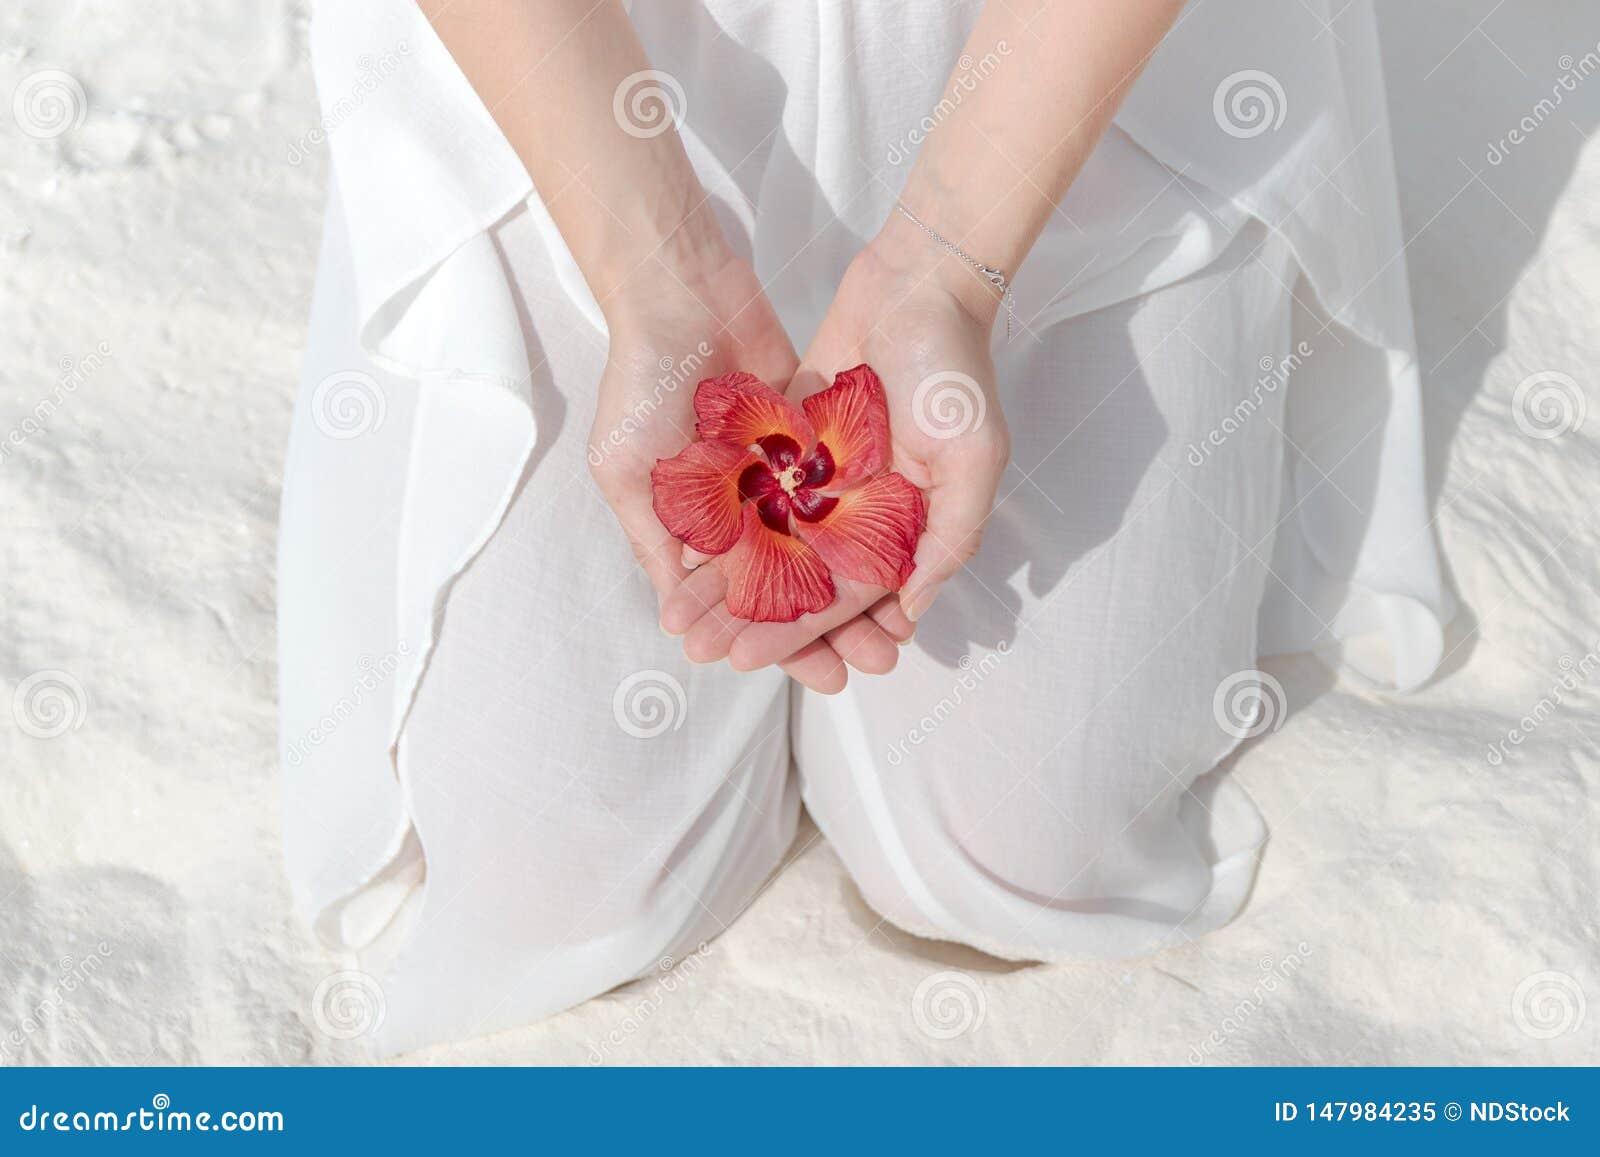 Kniende Frau im wei?en Kleid, das eine tropische Blume in ihrer Hand h?lt